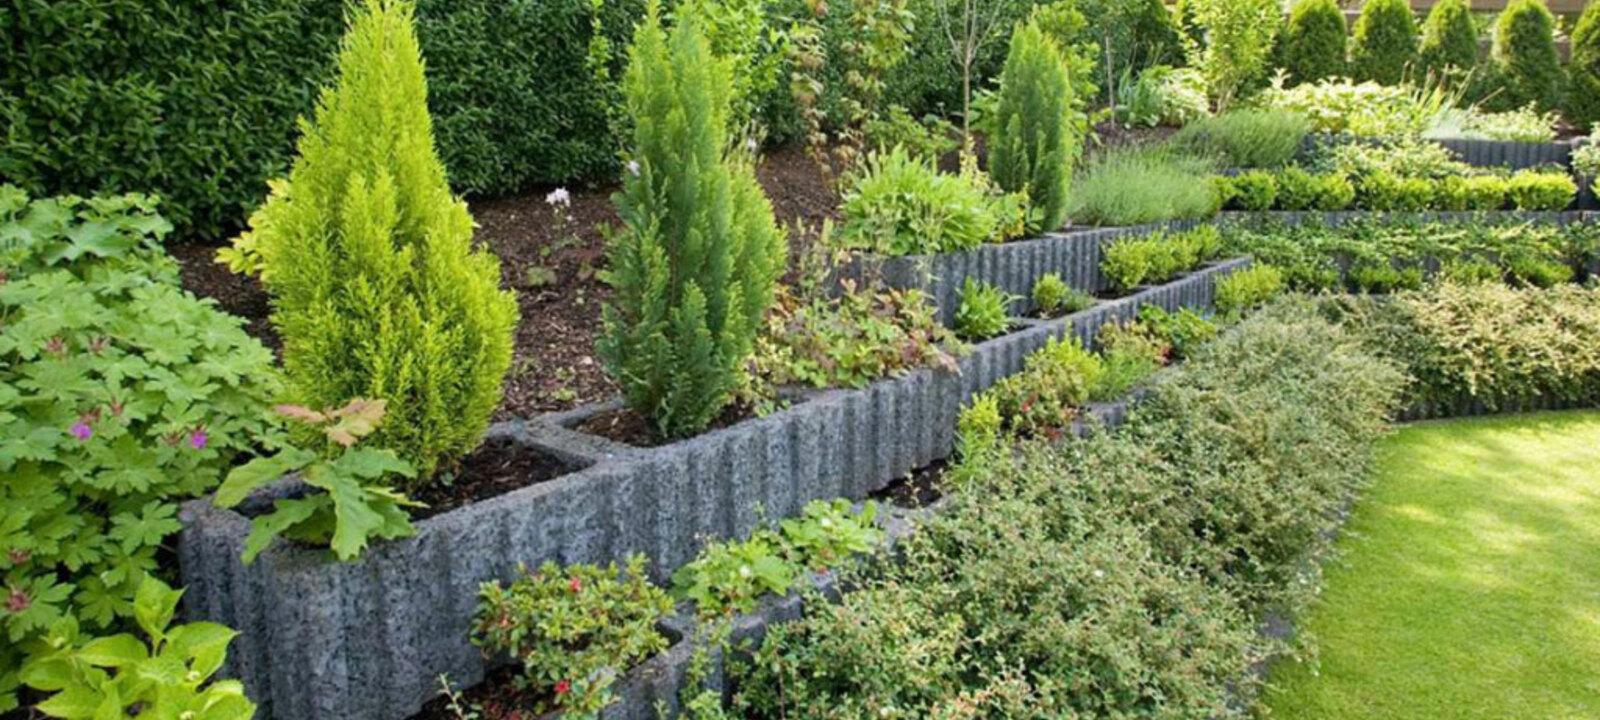 Mauer mit bepflanzbaren Betonsteinen